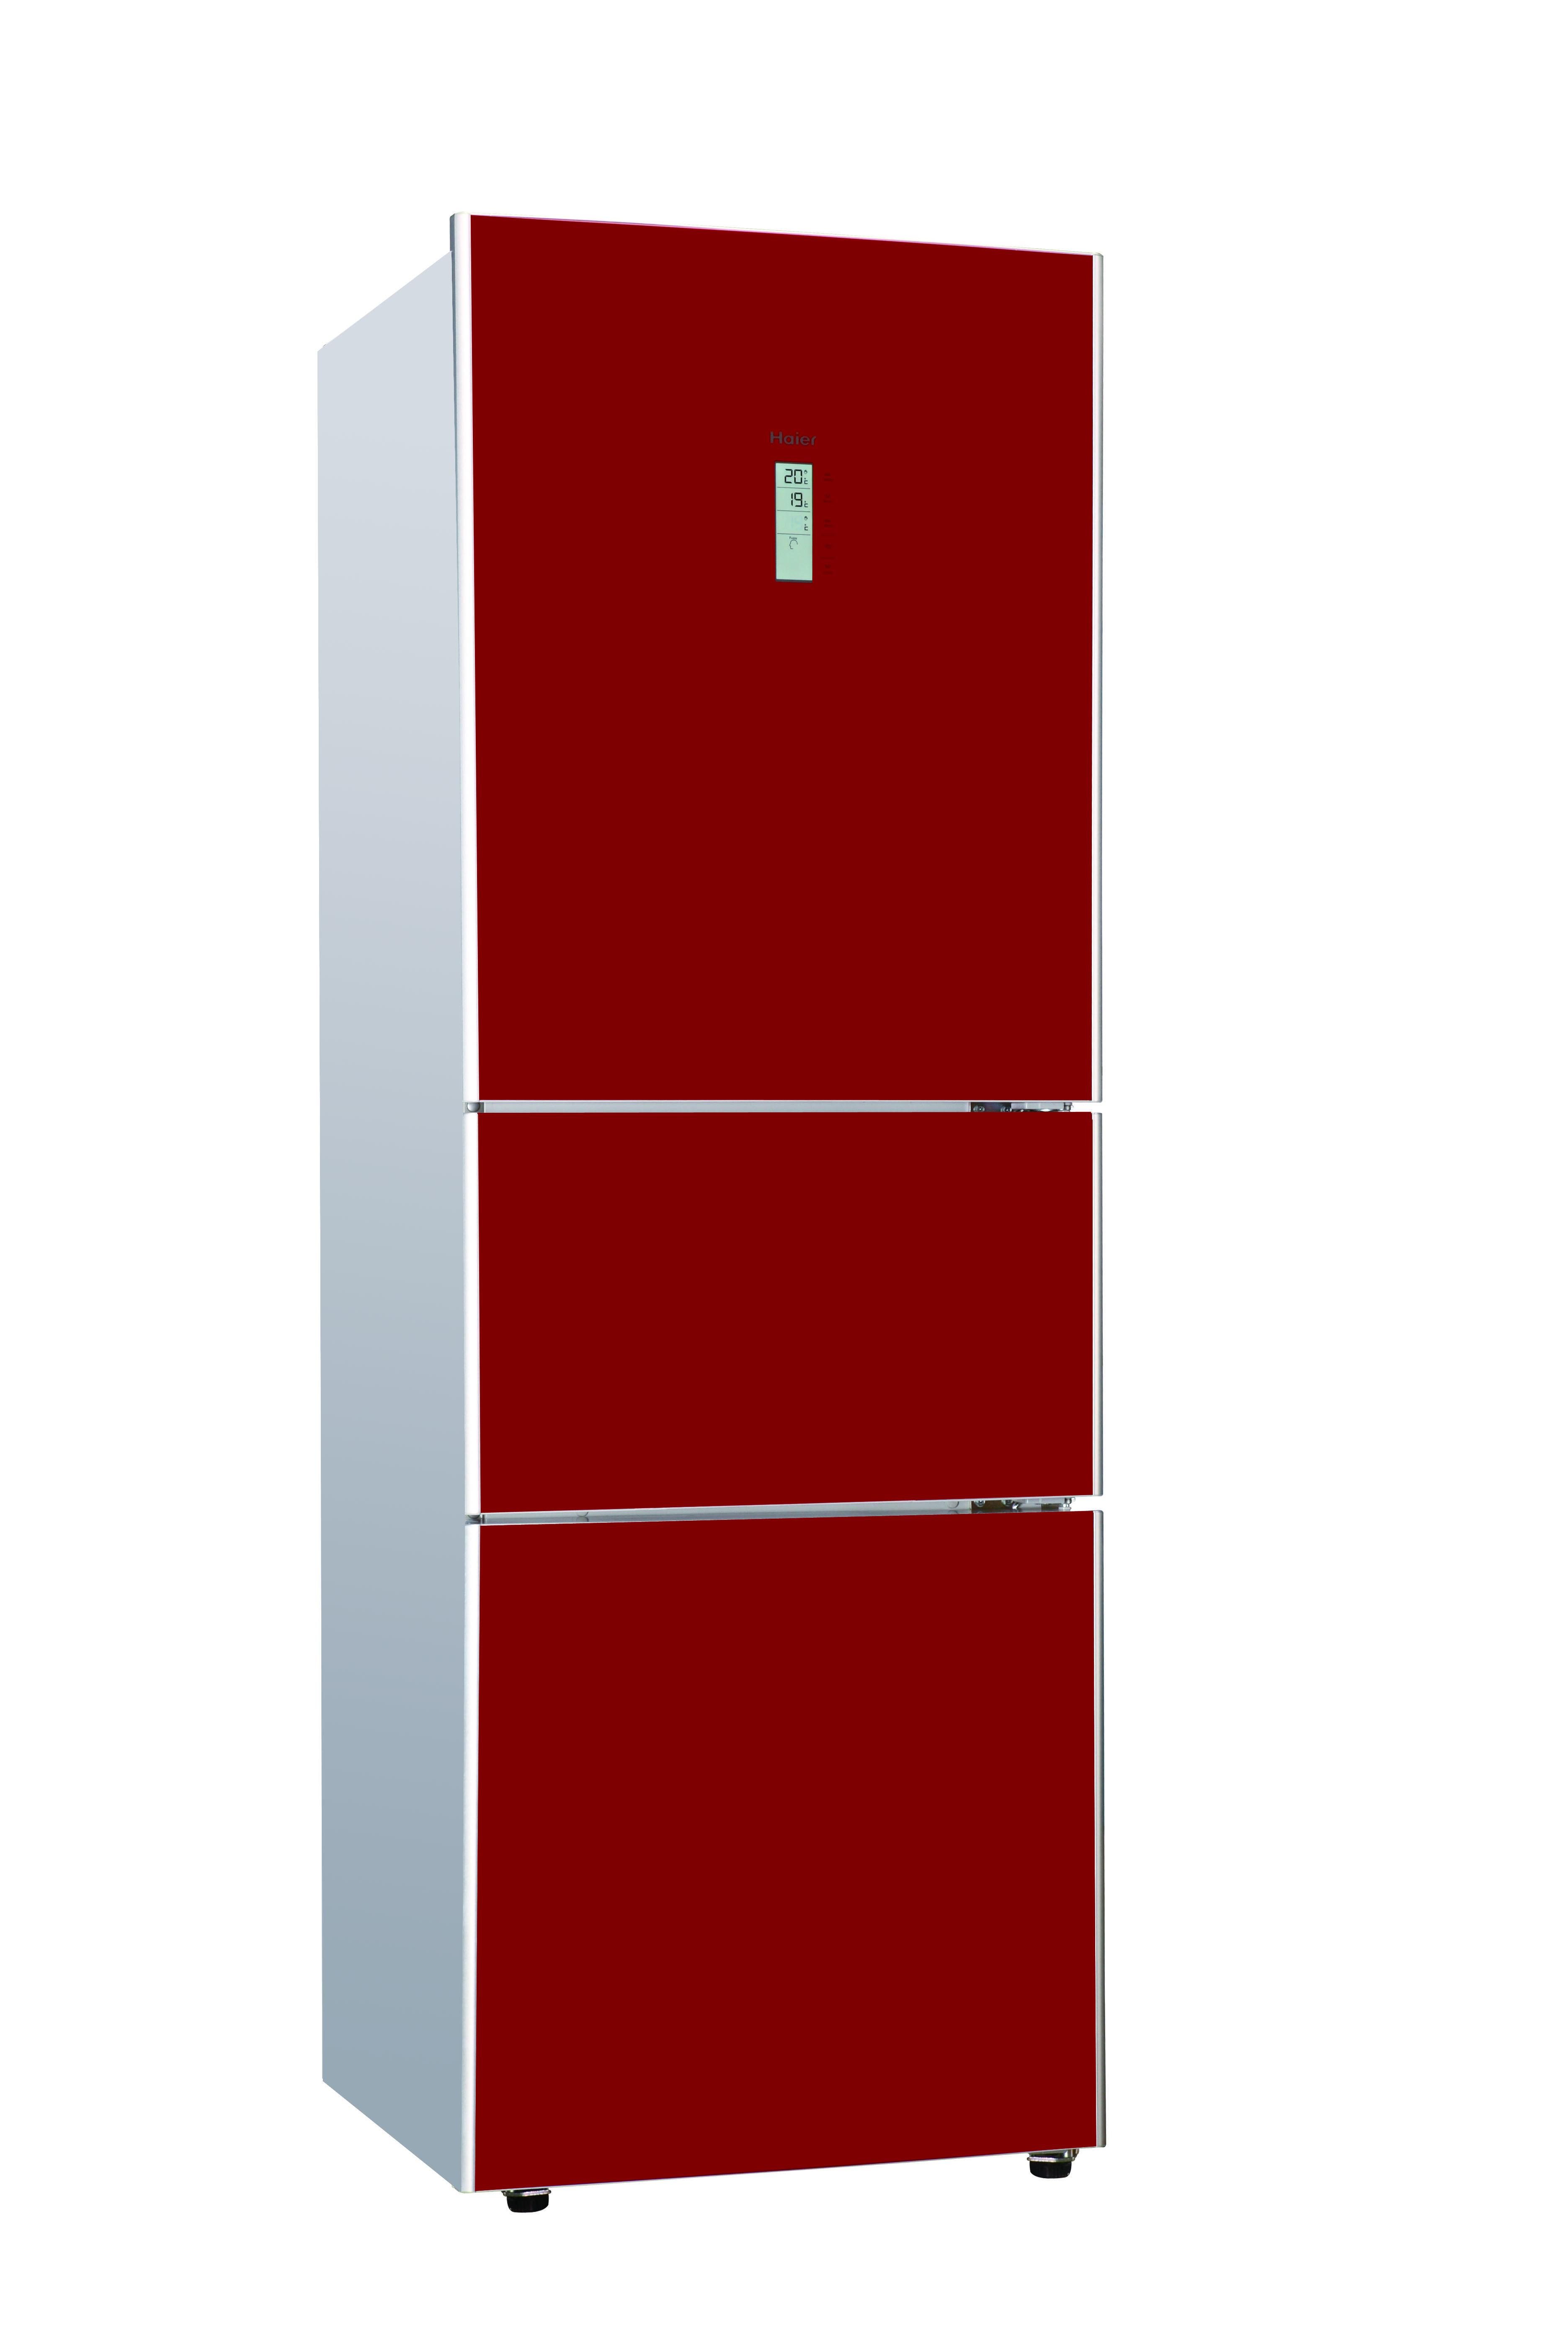 Haier Fridge Freezer 64cm Wide 3 Door split Frost Free Red